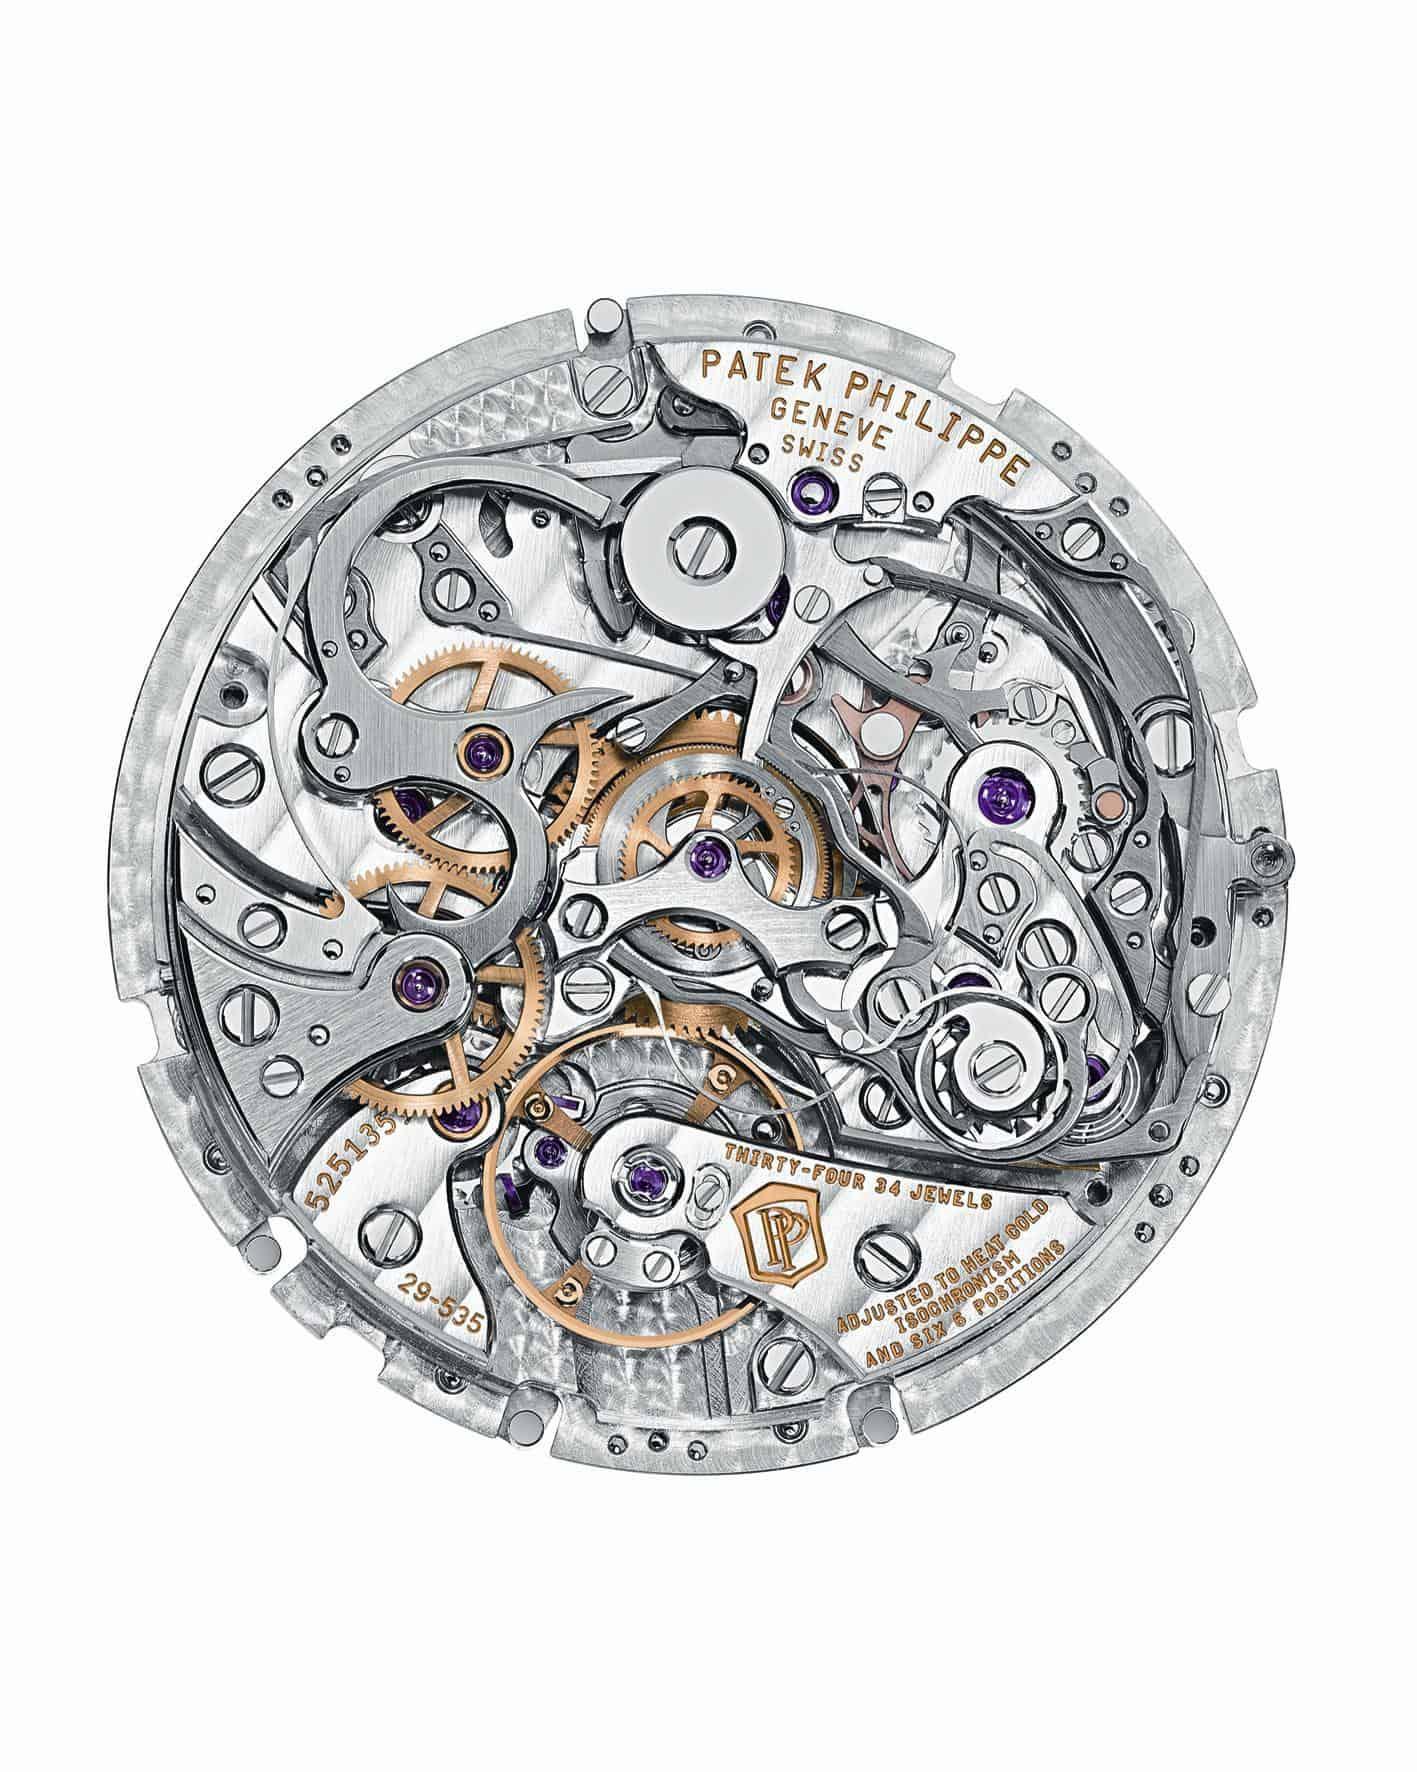 Das Patek Philippe Kaliber CHR 29-535 PS - ein phantastischer Schleppzeiger-Chronograph